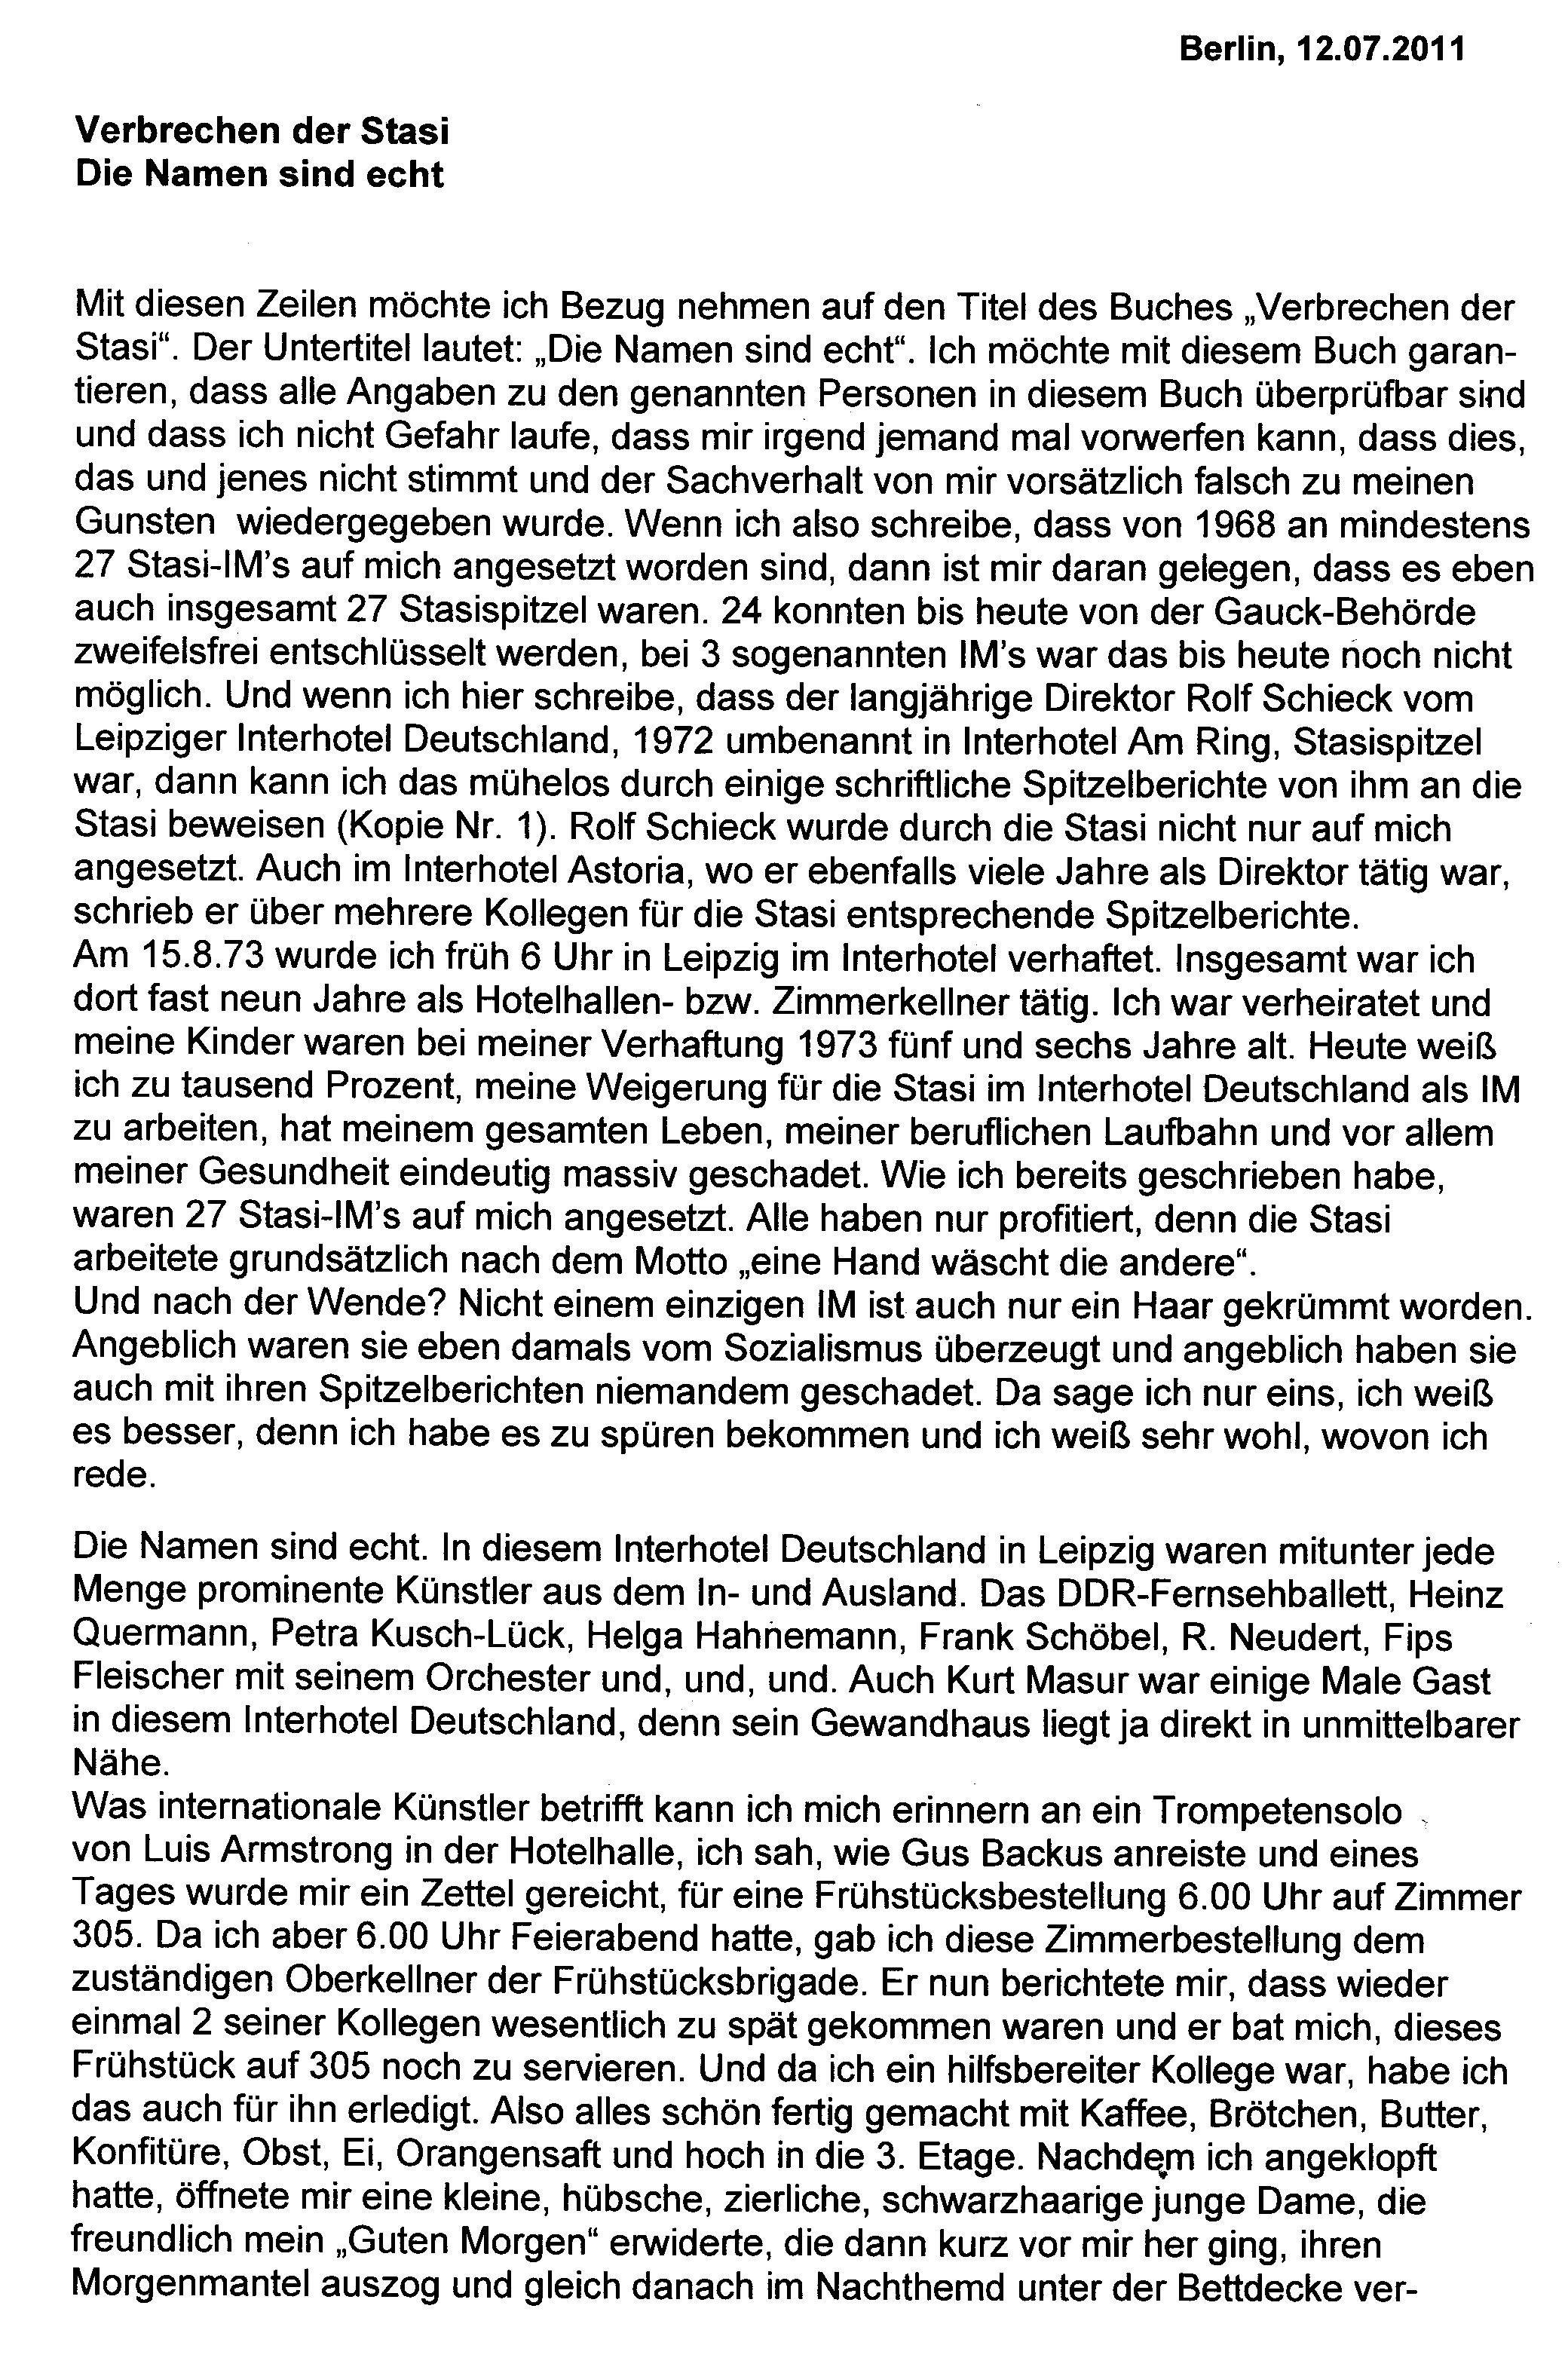 Einzigartig Ausformulierter Lebenslauf Briefprobe Briefformat Briefvorlage Lebenslauf Tipps Vorlagen Lebenslauf Lebenslauf